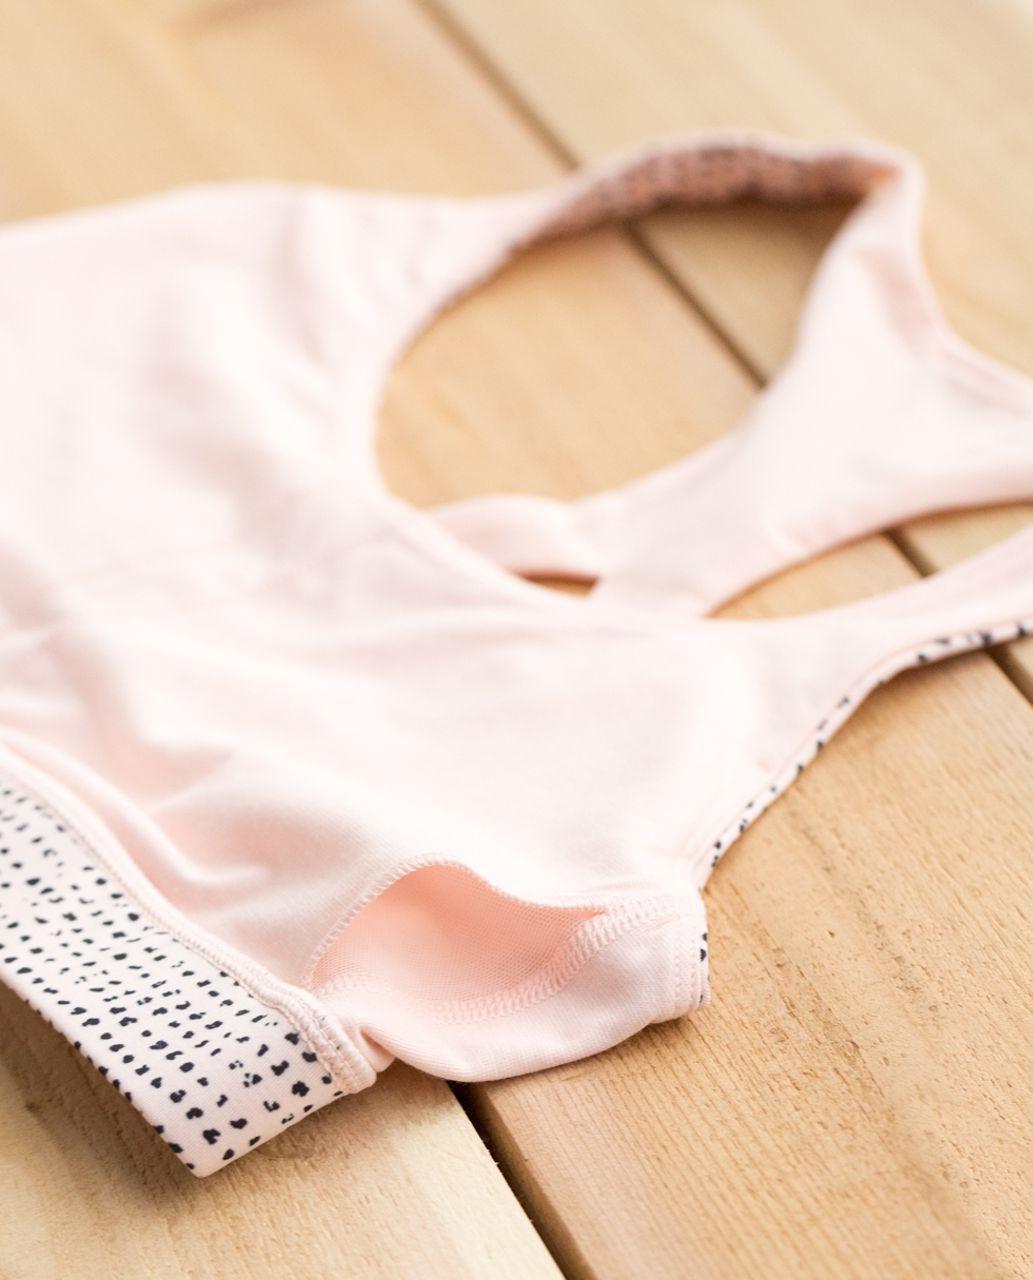 Lululemon 50 Rep Bra - Speckle Dot Parfait Pink Black / Parfait Pink